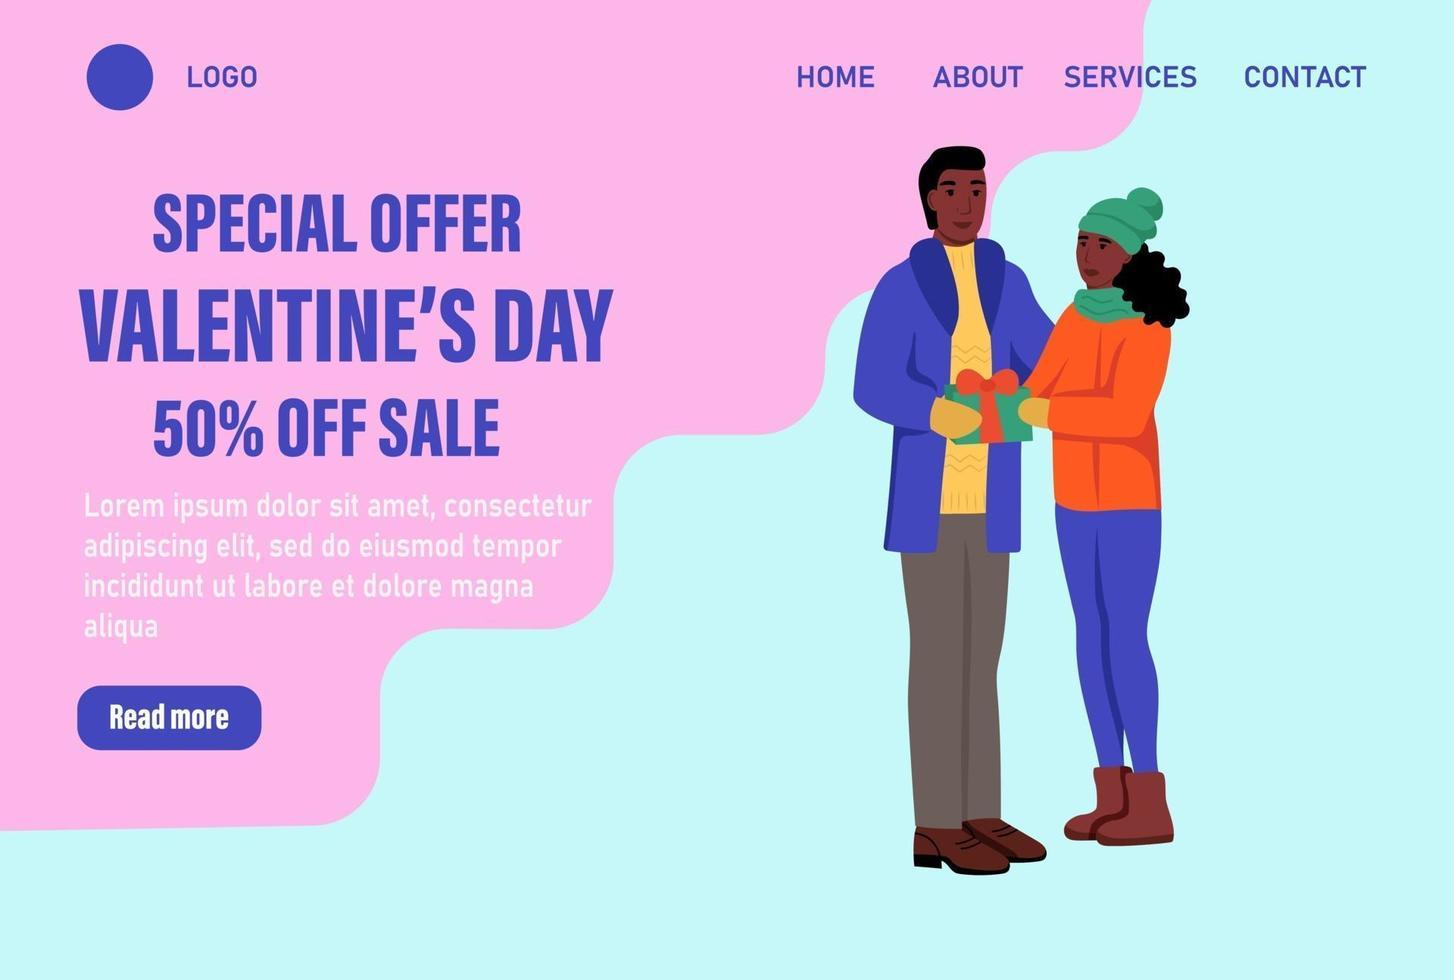 offerta speciale modello di vettore della pagina di destinazione di san valentino. coppia di innamorati in abiti invernali con palloncini scambiano doni. celebrare il tradizionale banner web evento invernale. illustrazione vettoriale piatta